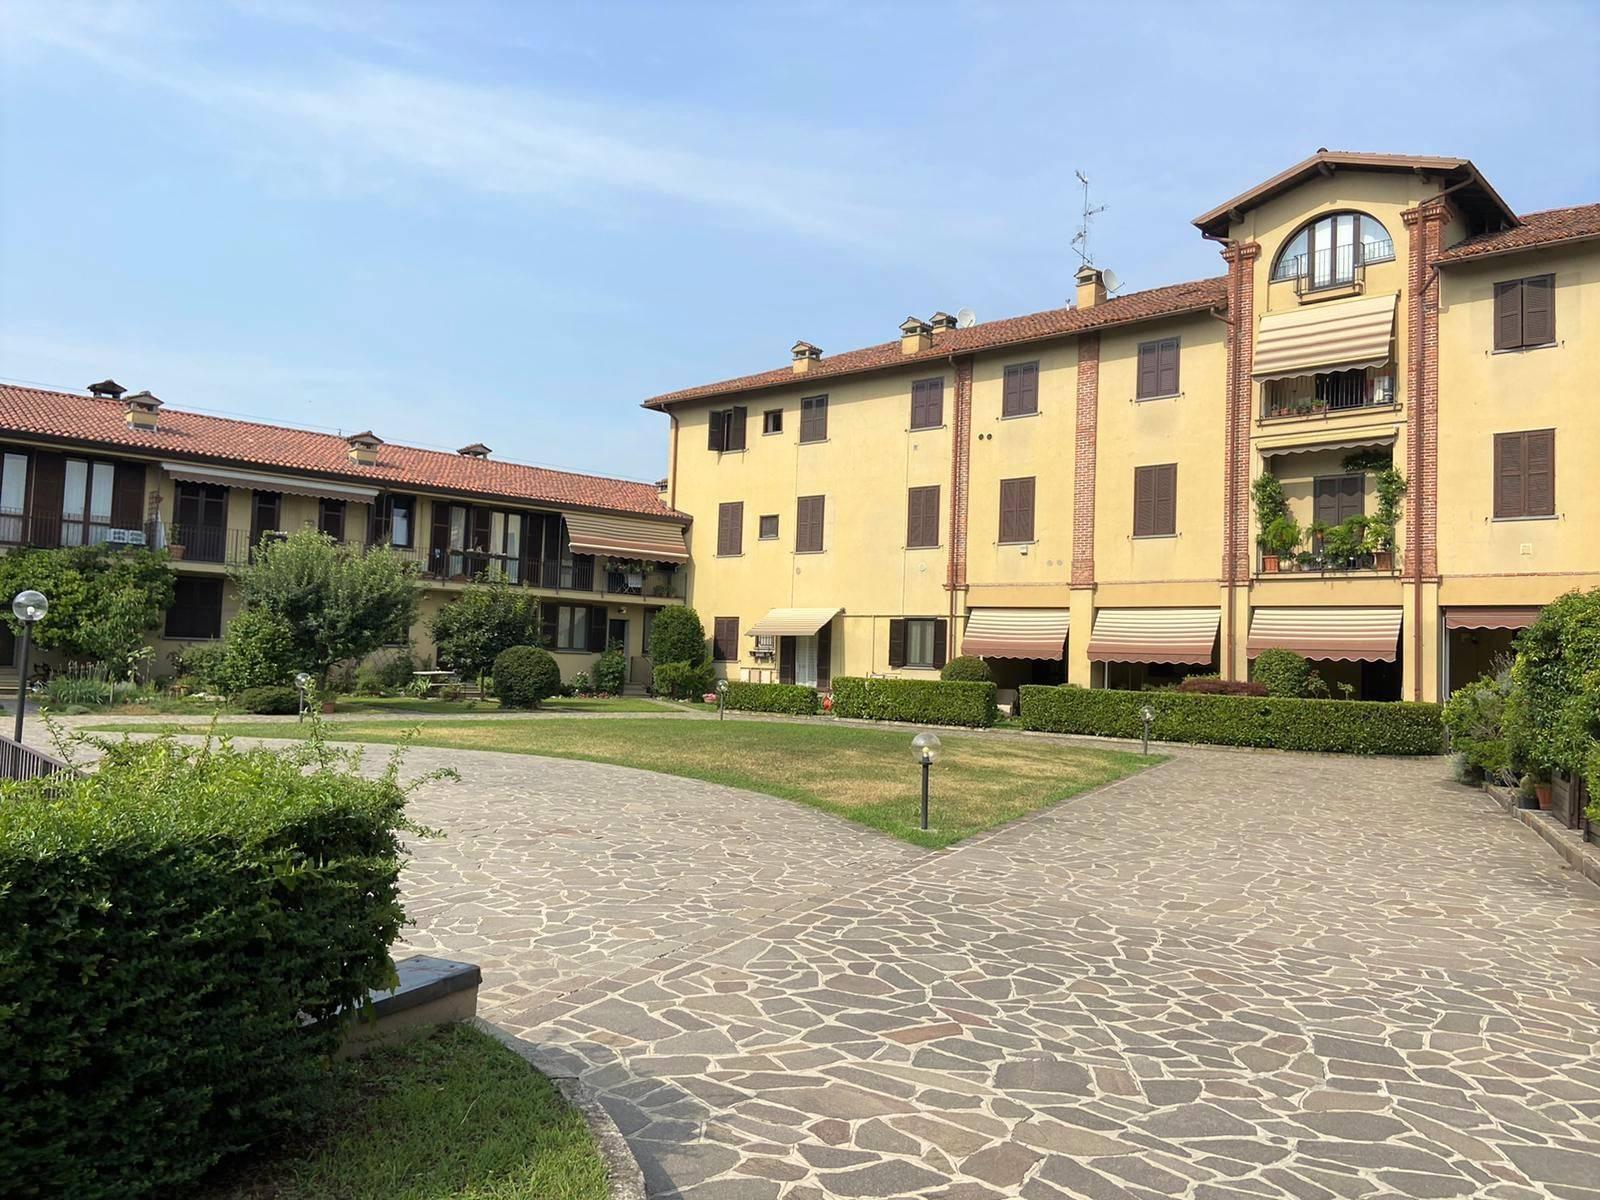 UBICAZIONE: Bussero - Piazza Cavour - in contesto carino e con spese contenute. TIPOLOGIA: Appartamento di due locali di circa 66 mq posto al piano primo. L'unità immobiliare si compone da soggiorno,